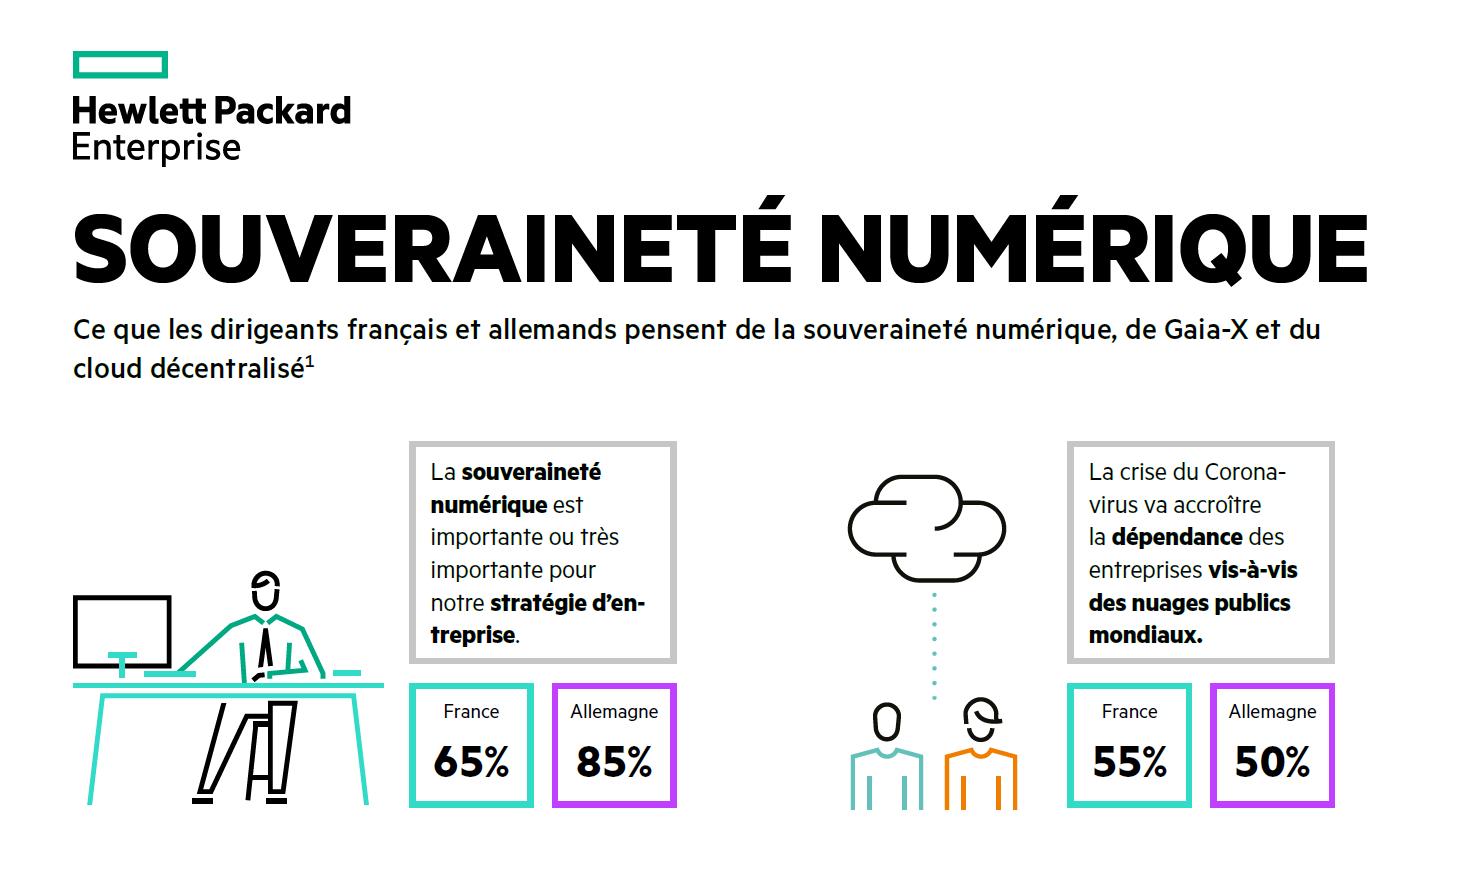 Souverainete numerique.png